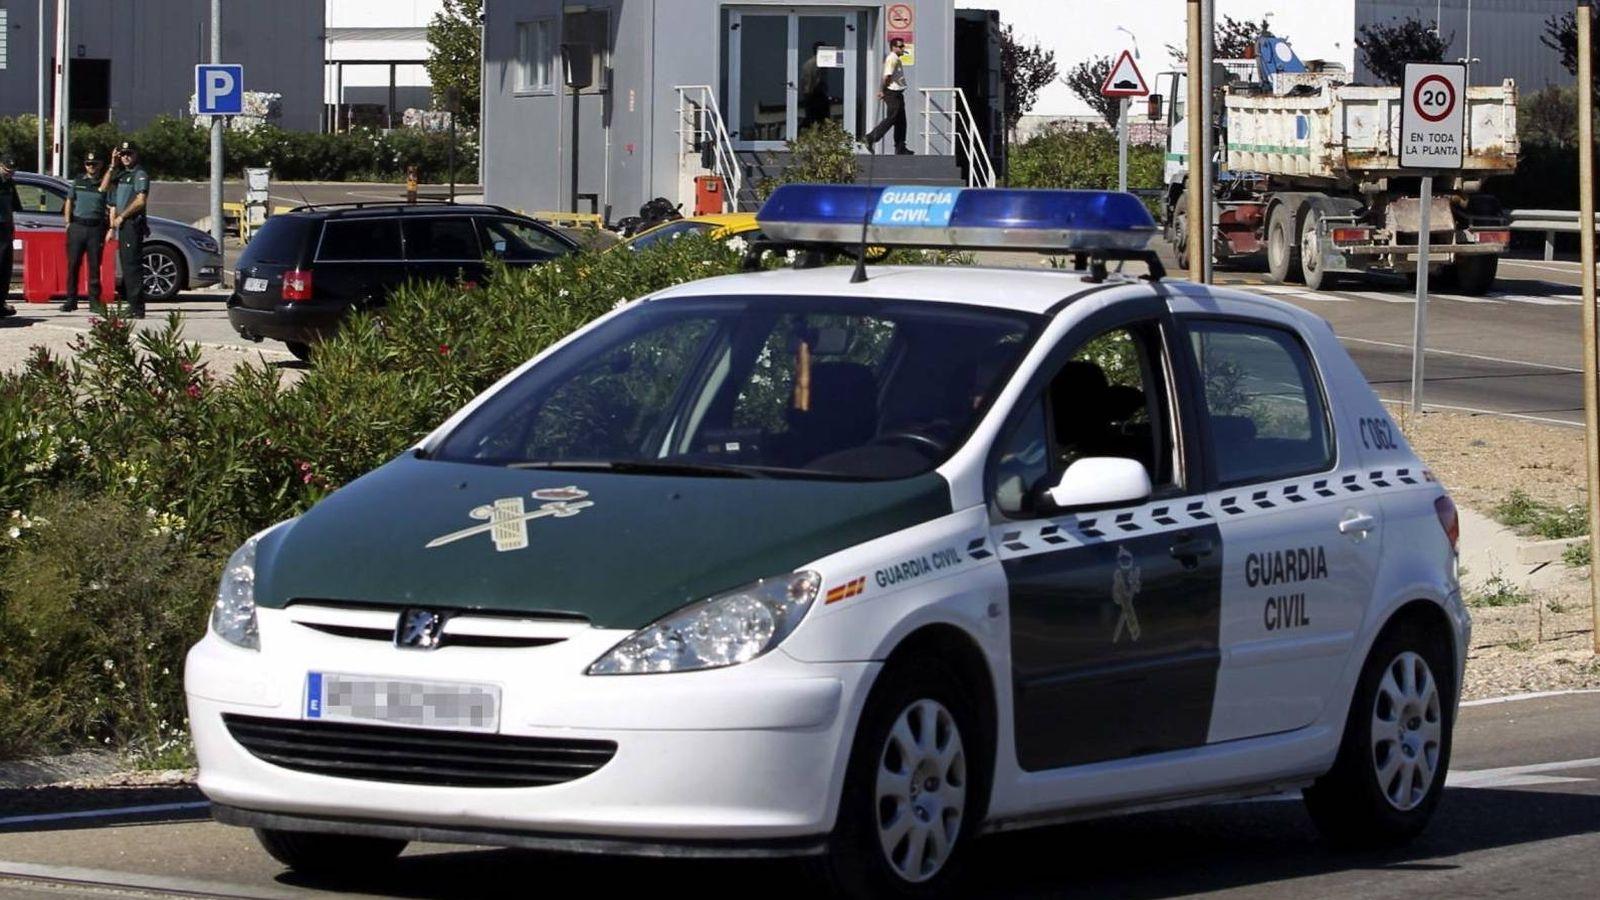 Foto: Un coche de la Guardia Civil - Archivo. (EFE)